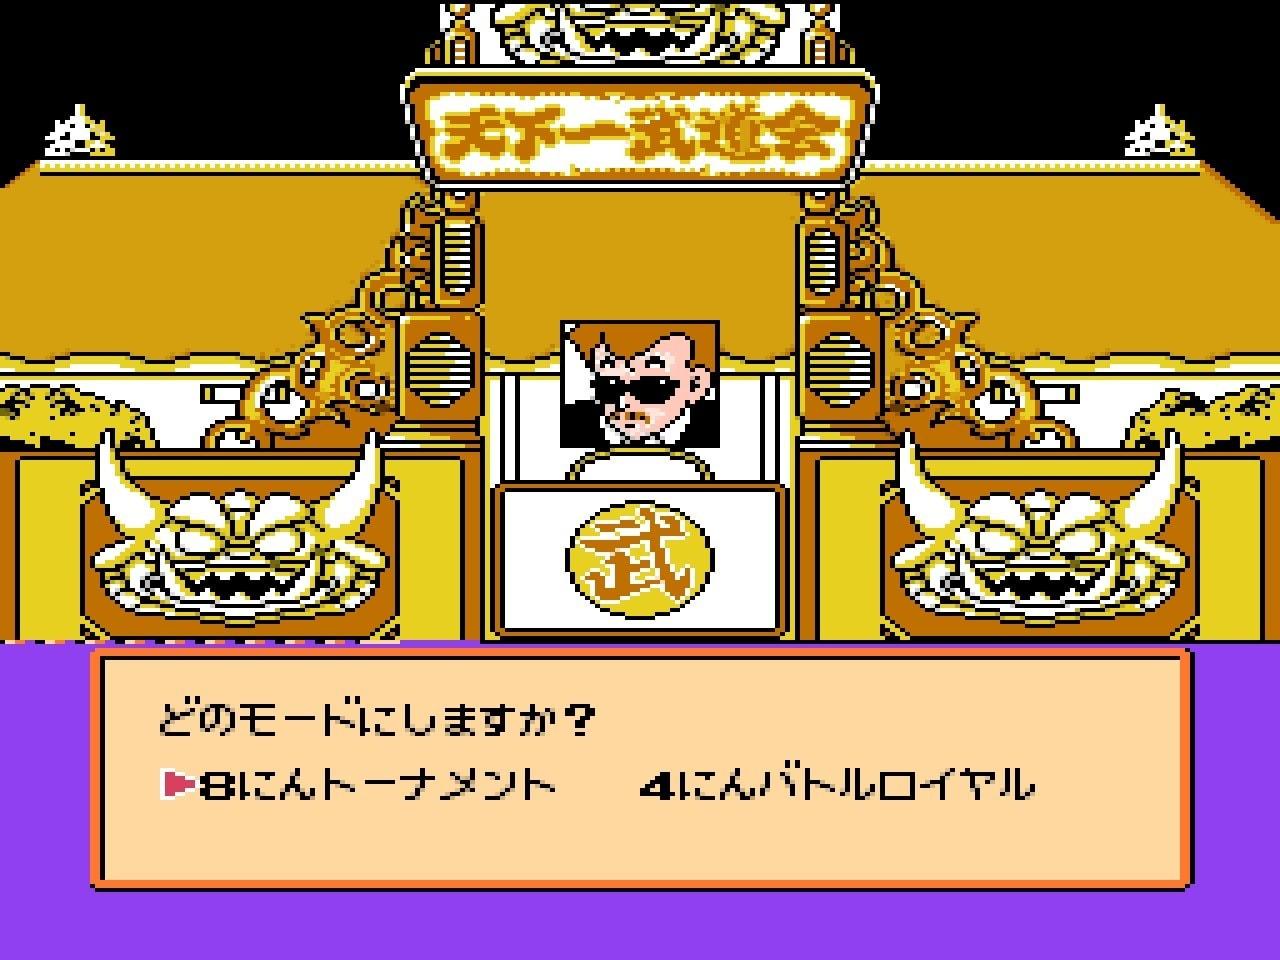 カード要素を取り入れた傑作、FC版『ドラゴンボールZII 激神フリーザ!!』が面白すぎた理由の画像008